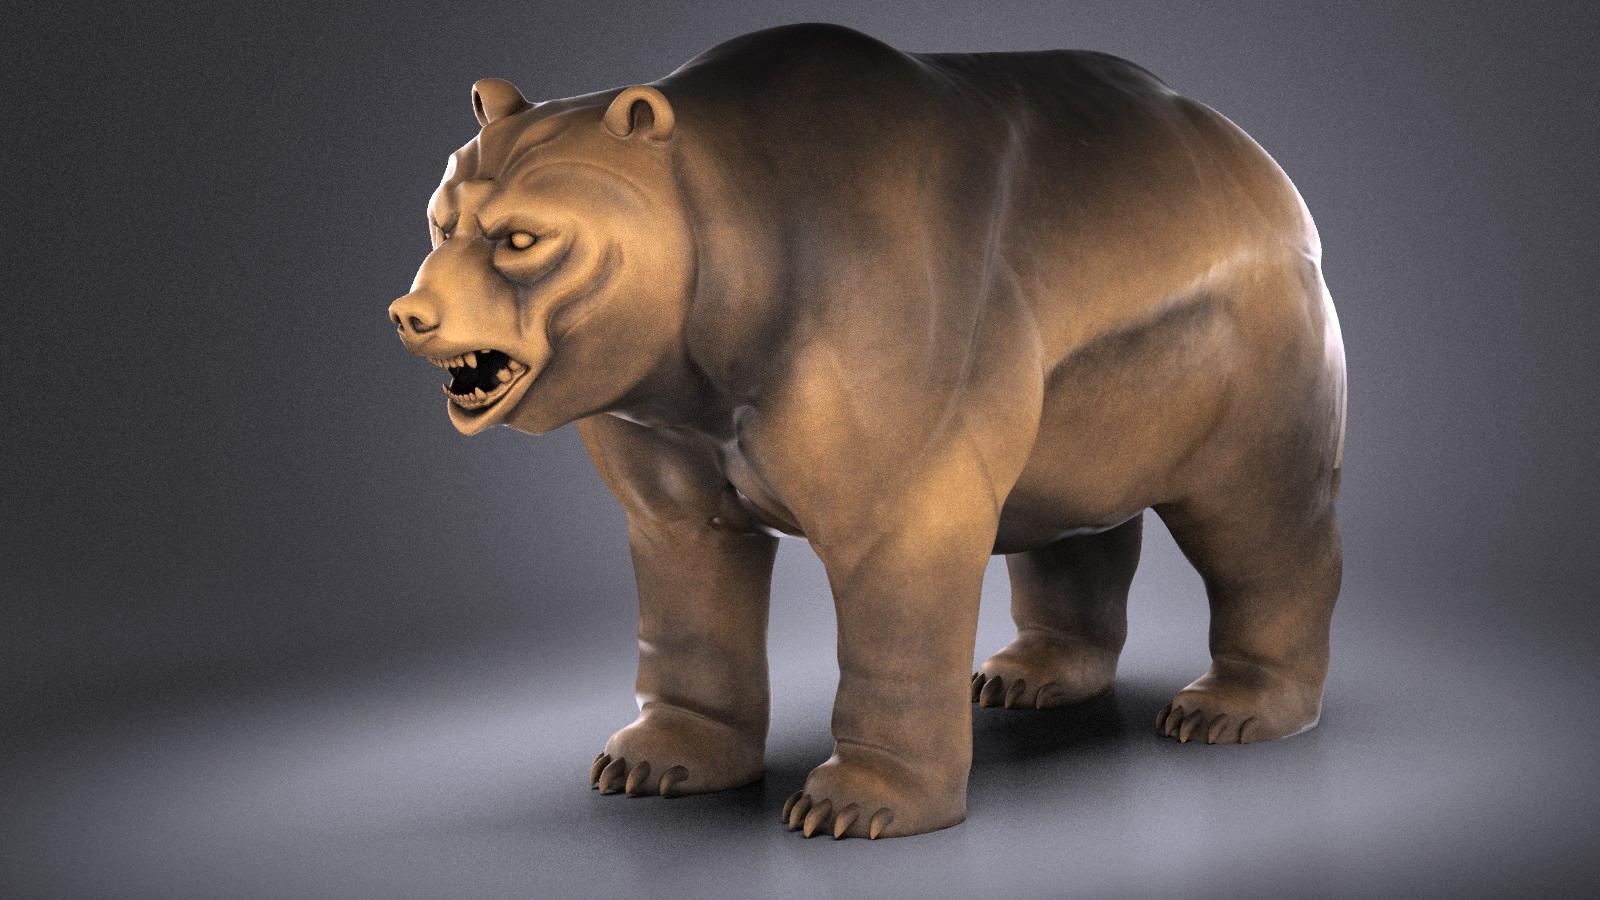 Wallstreet Bear Sculpture